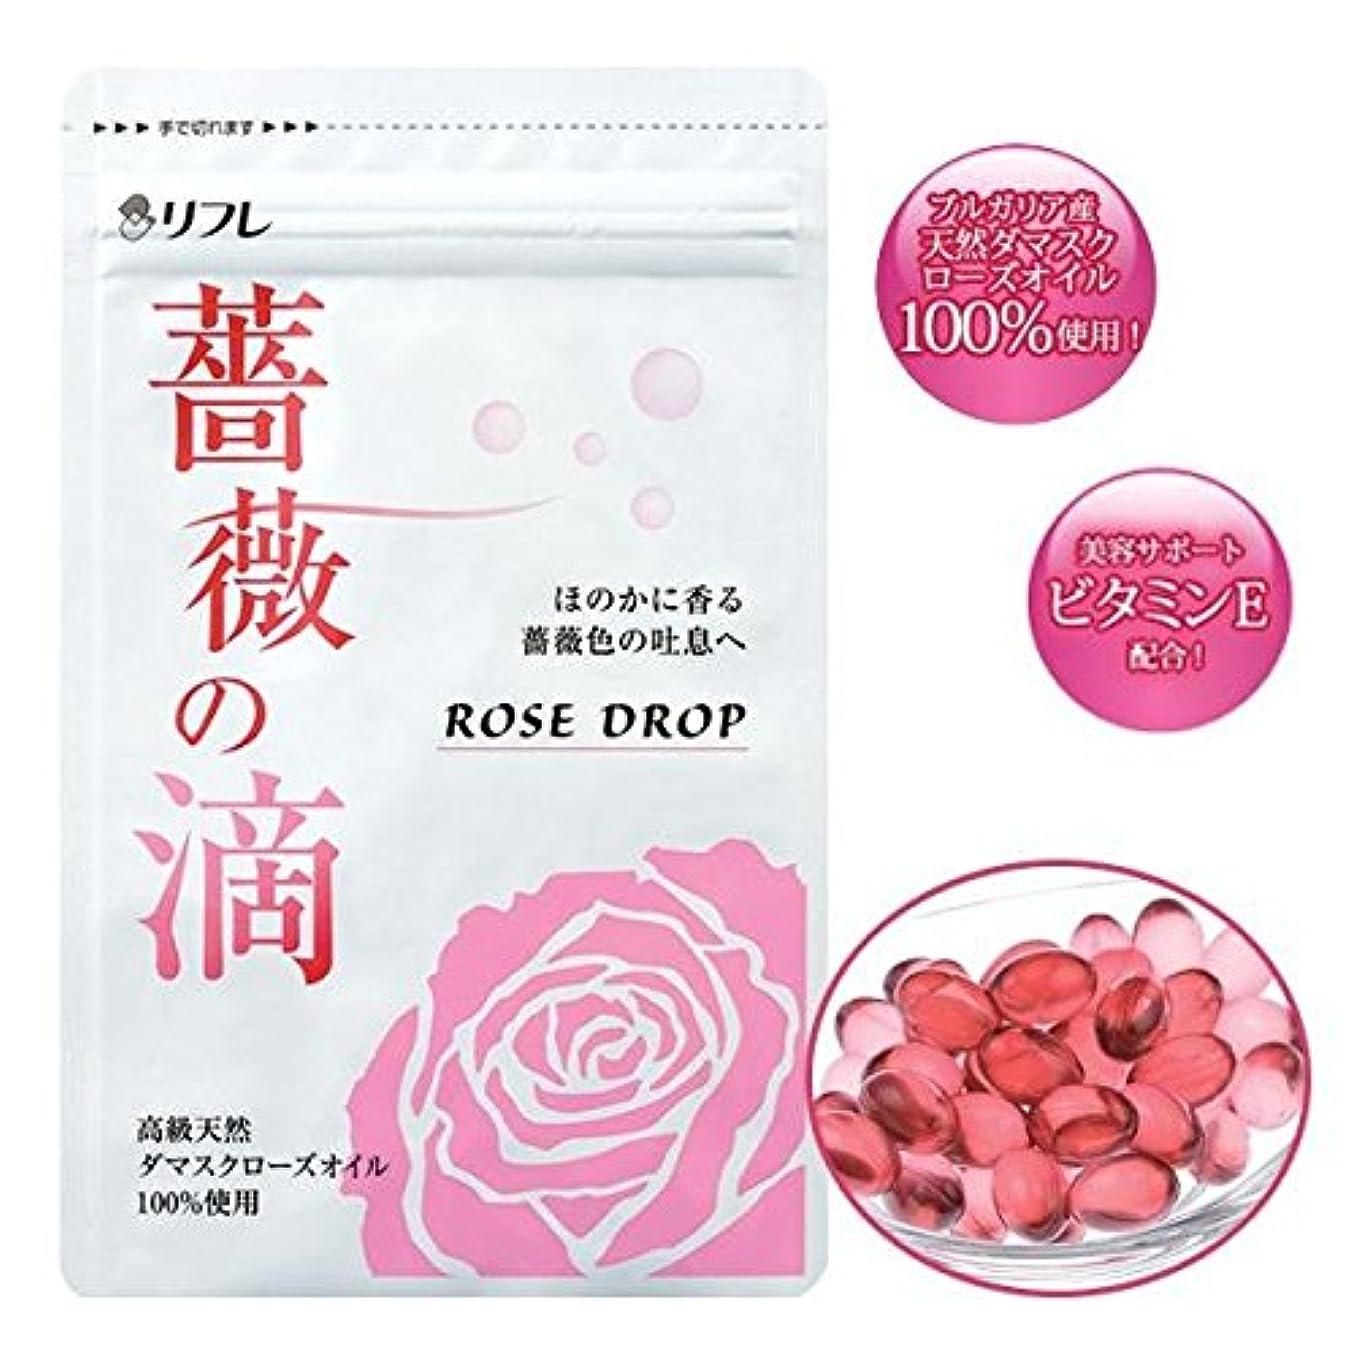 模倣宣言するそれるリフレ ローズサプリ 薔薇の滴(ばらのしずく) 1袋62粒(約1ヵ月分) 日本製 Japan